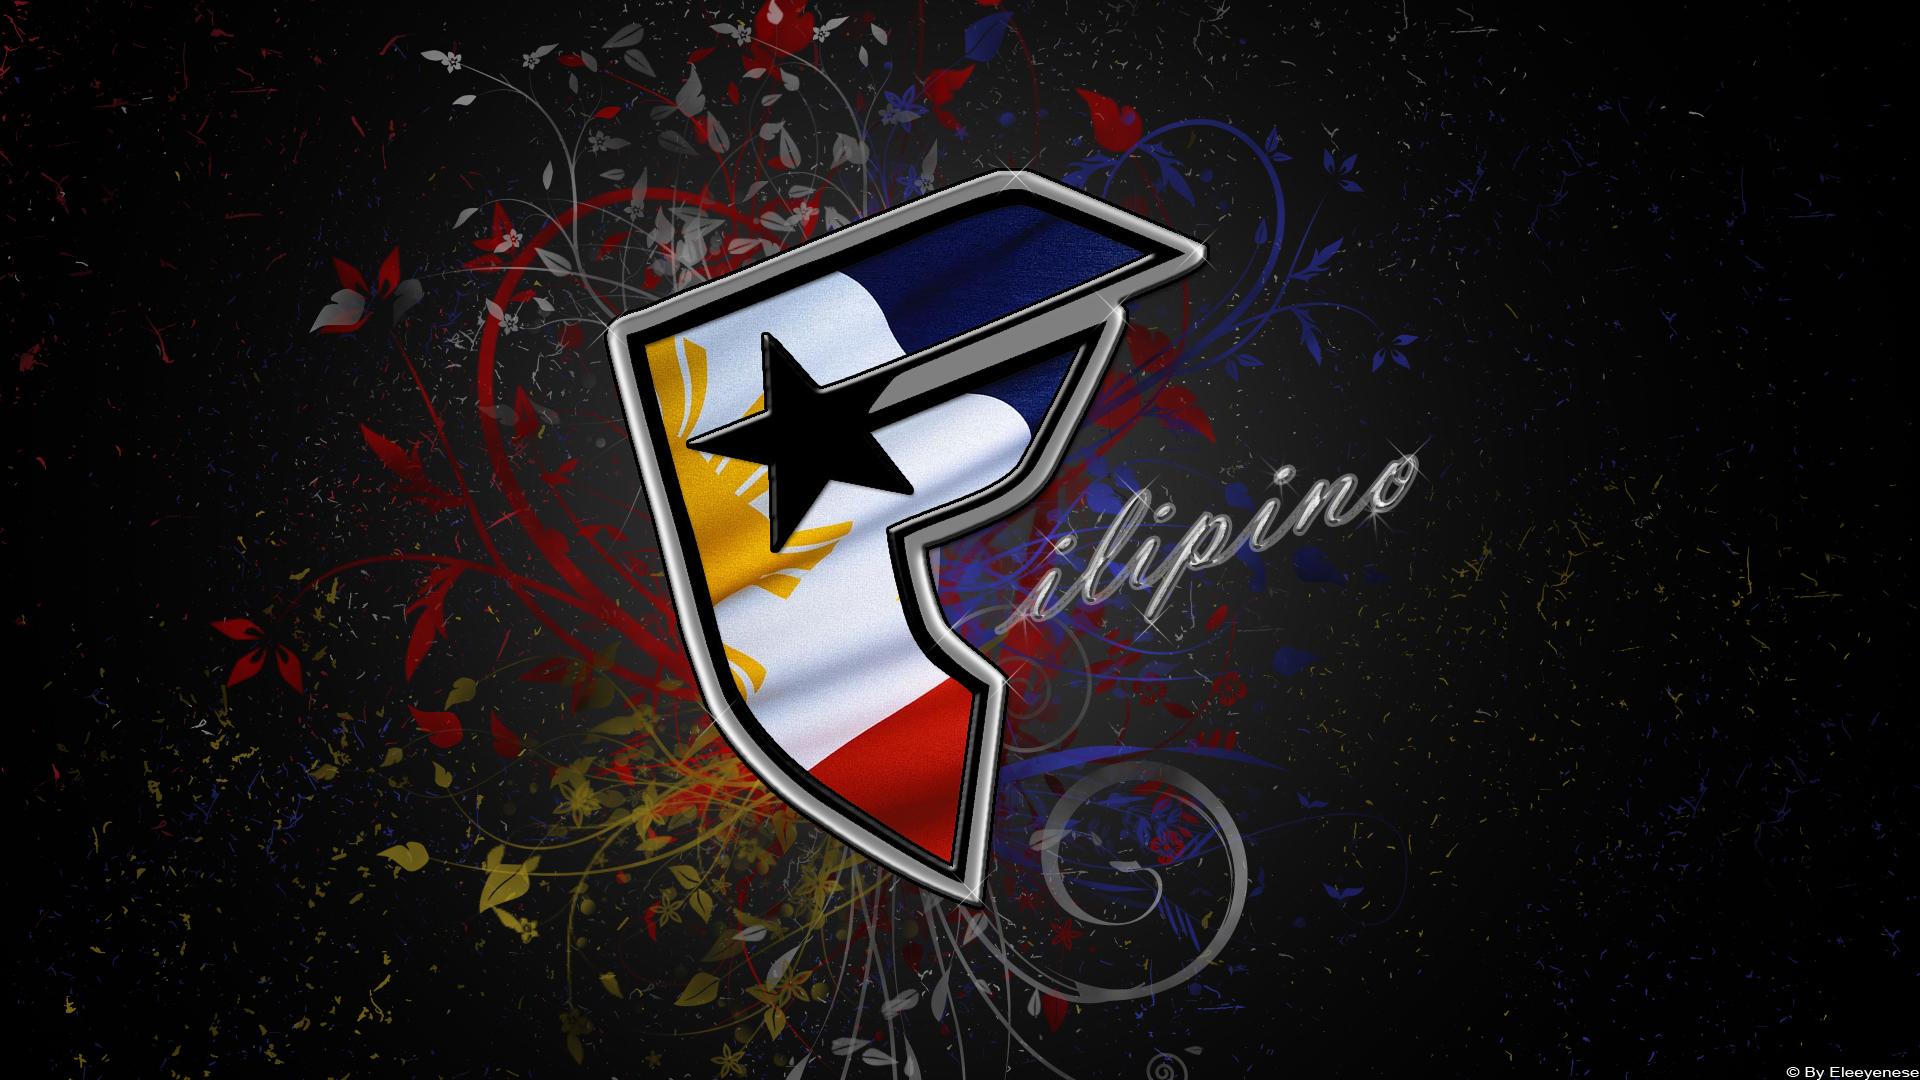 Pinoy Hd